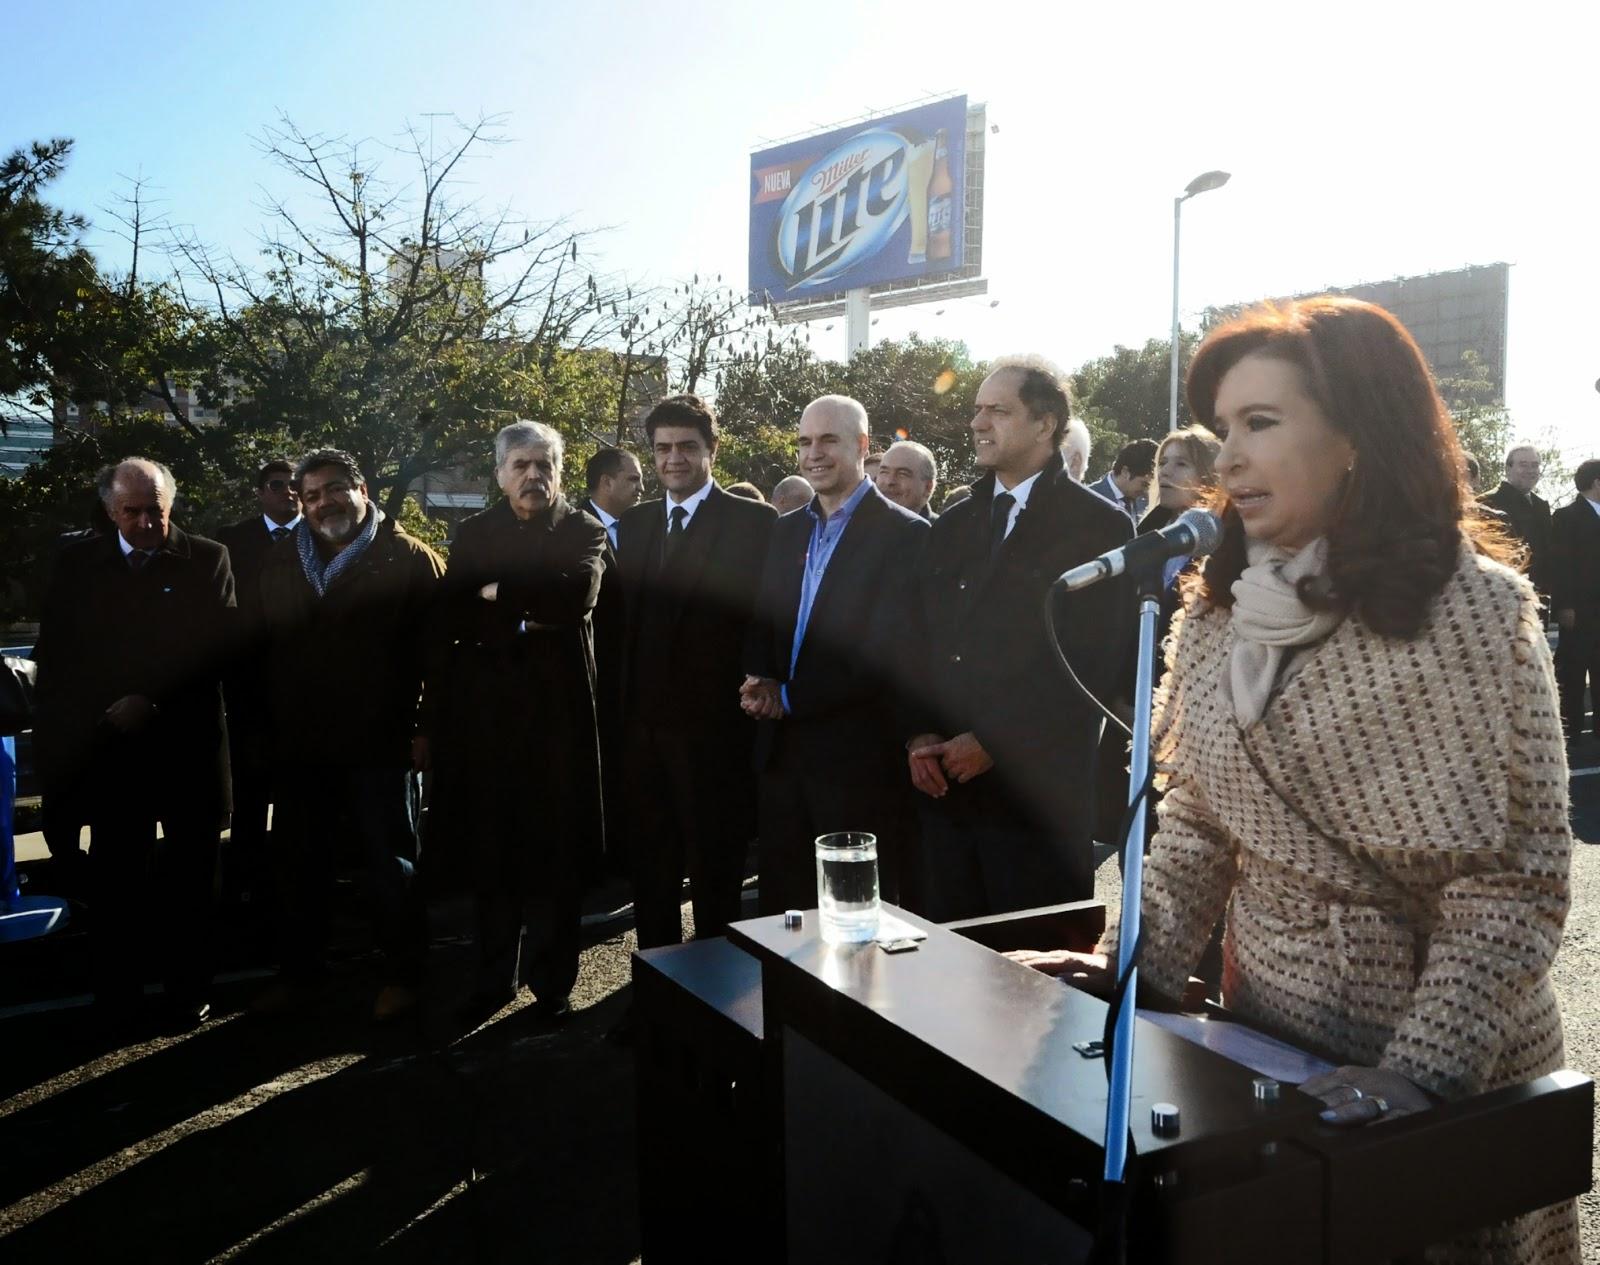 El presidente del bloque de concejales FPV de Vicente López destacó obras inauguradas por la Presidenta